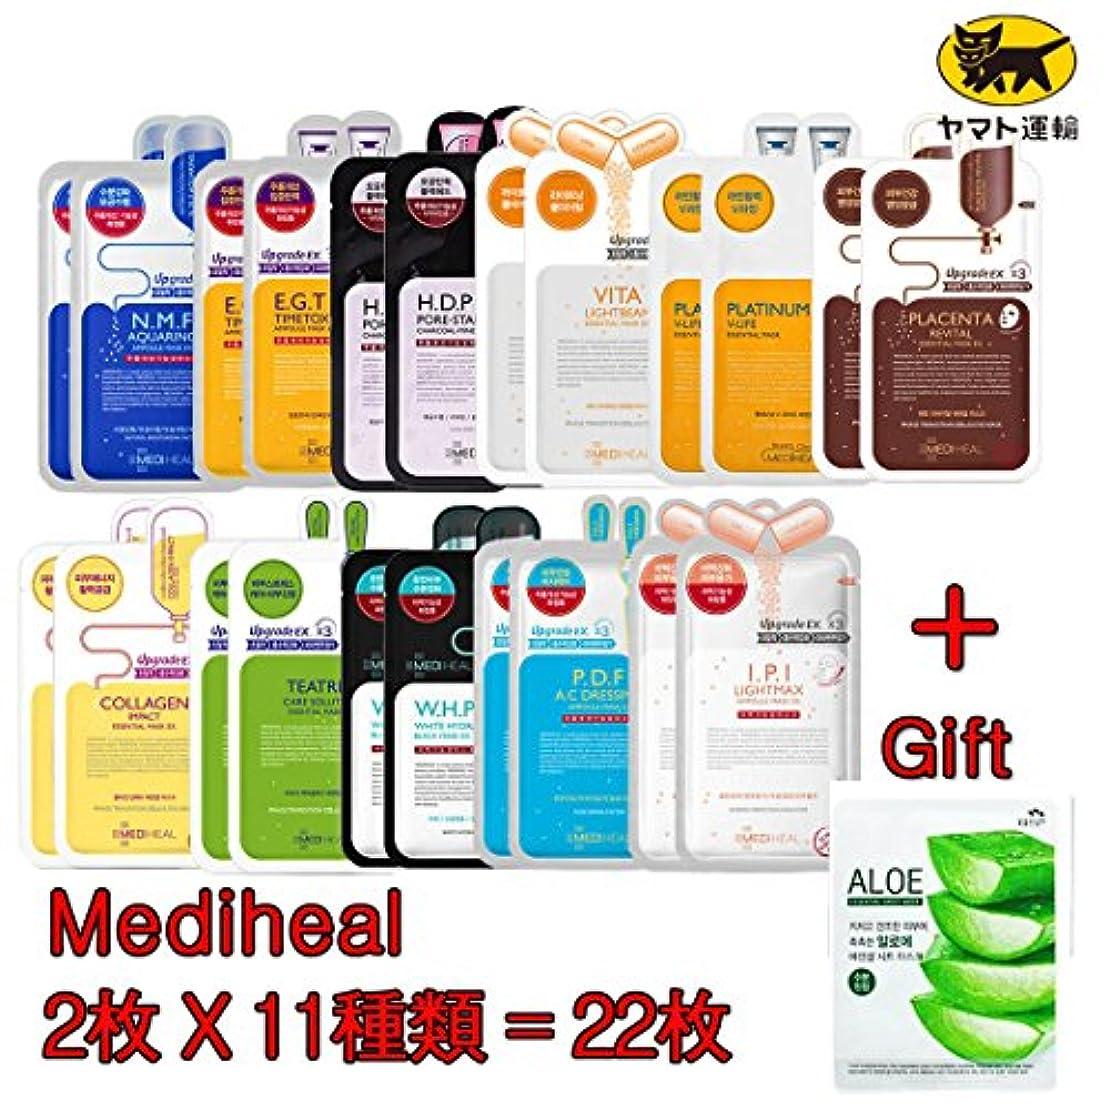 病な逃れるダーリンメディヒール(Mediheal) 11種類 X 各2枚ずつ = 全22枚 + Aloe Mask Pack